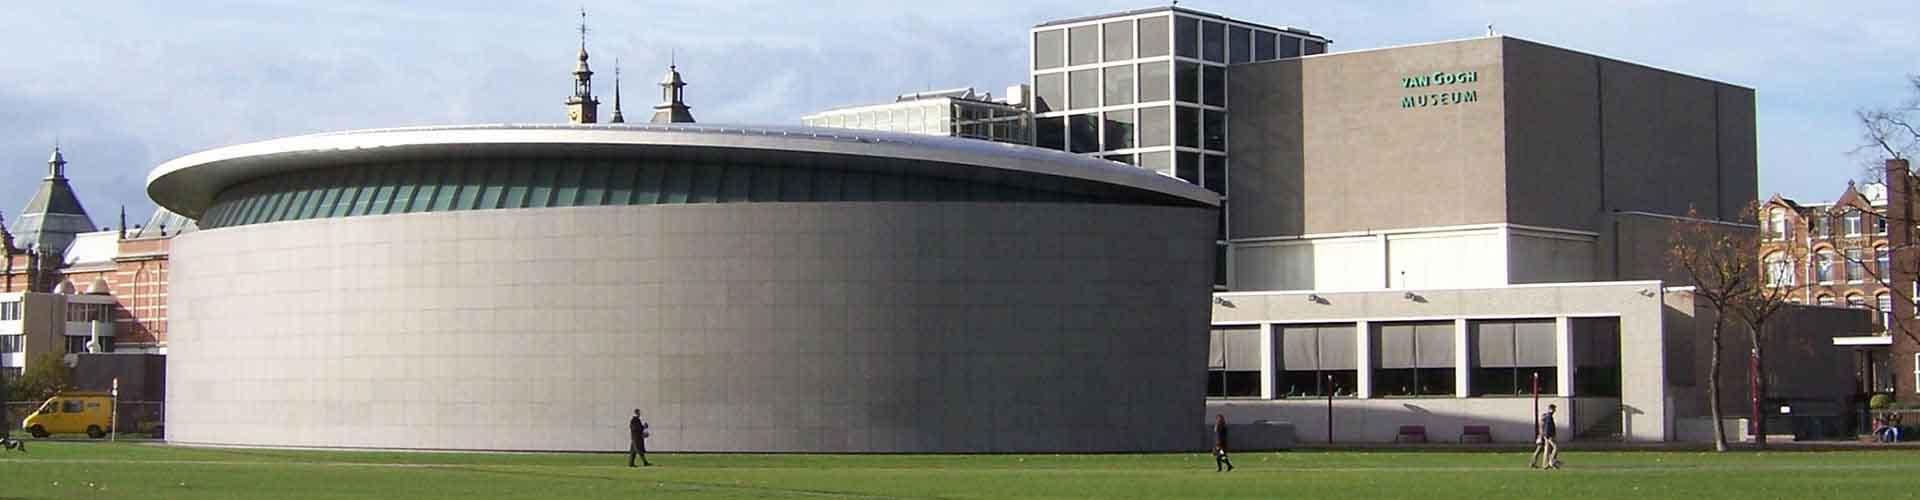 암스테르담 - 반 고흐 미술관에 가까운 호스텔. 암스테르담의 지도, 암스테르담에 위치한 호스텔에 대한 사진 및 리뷰.